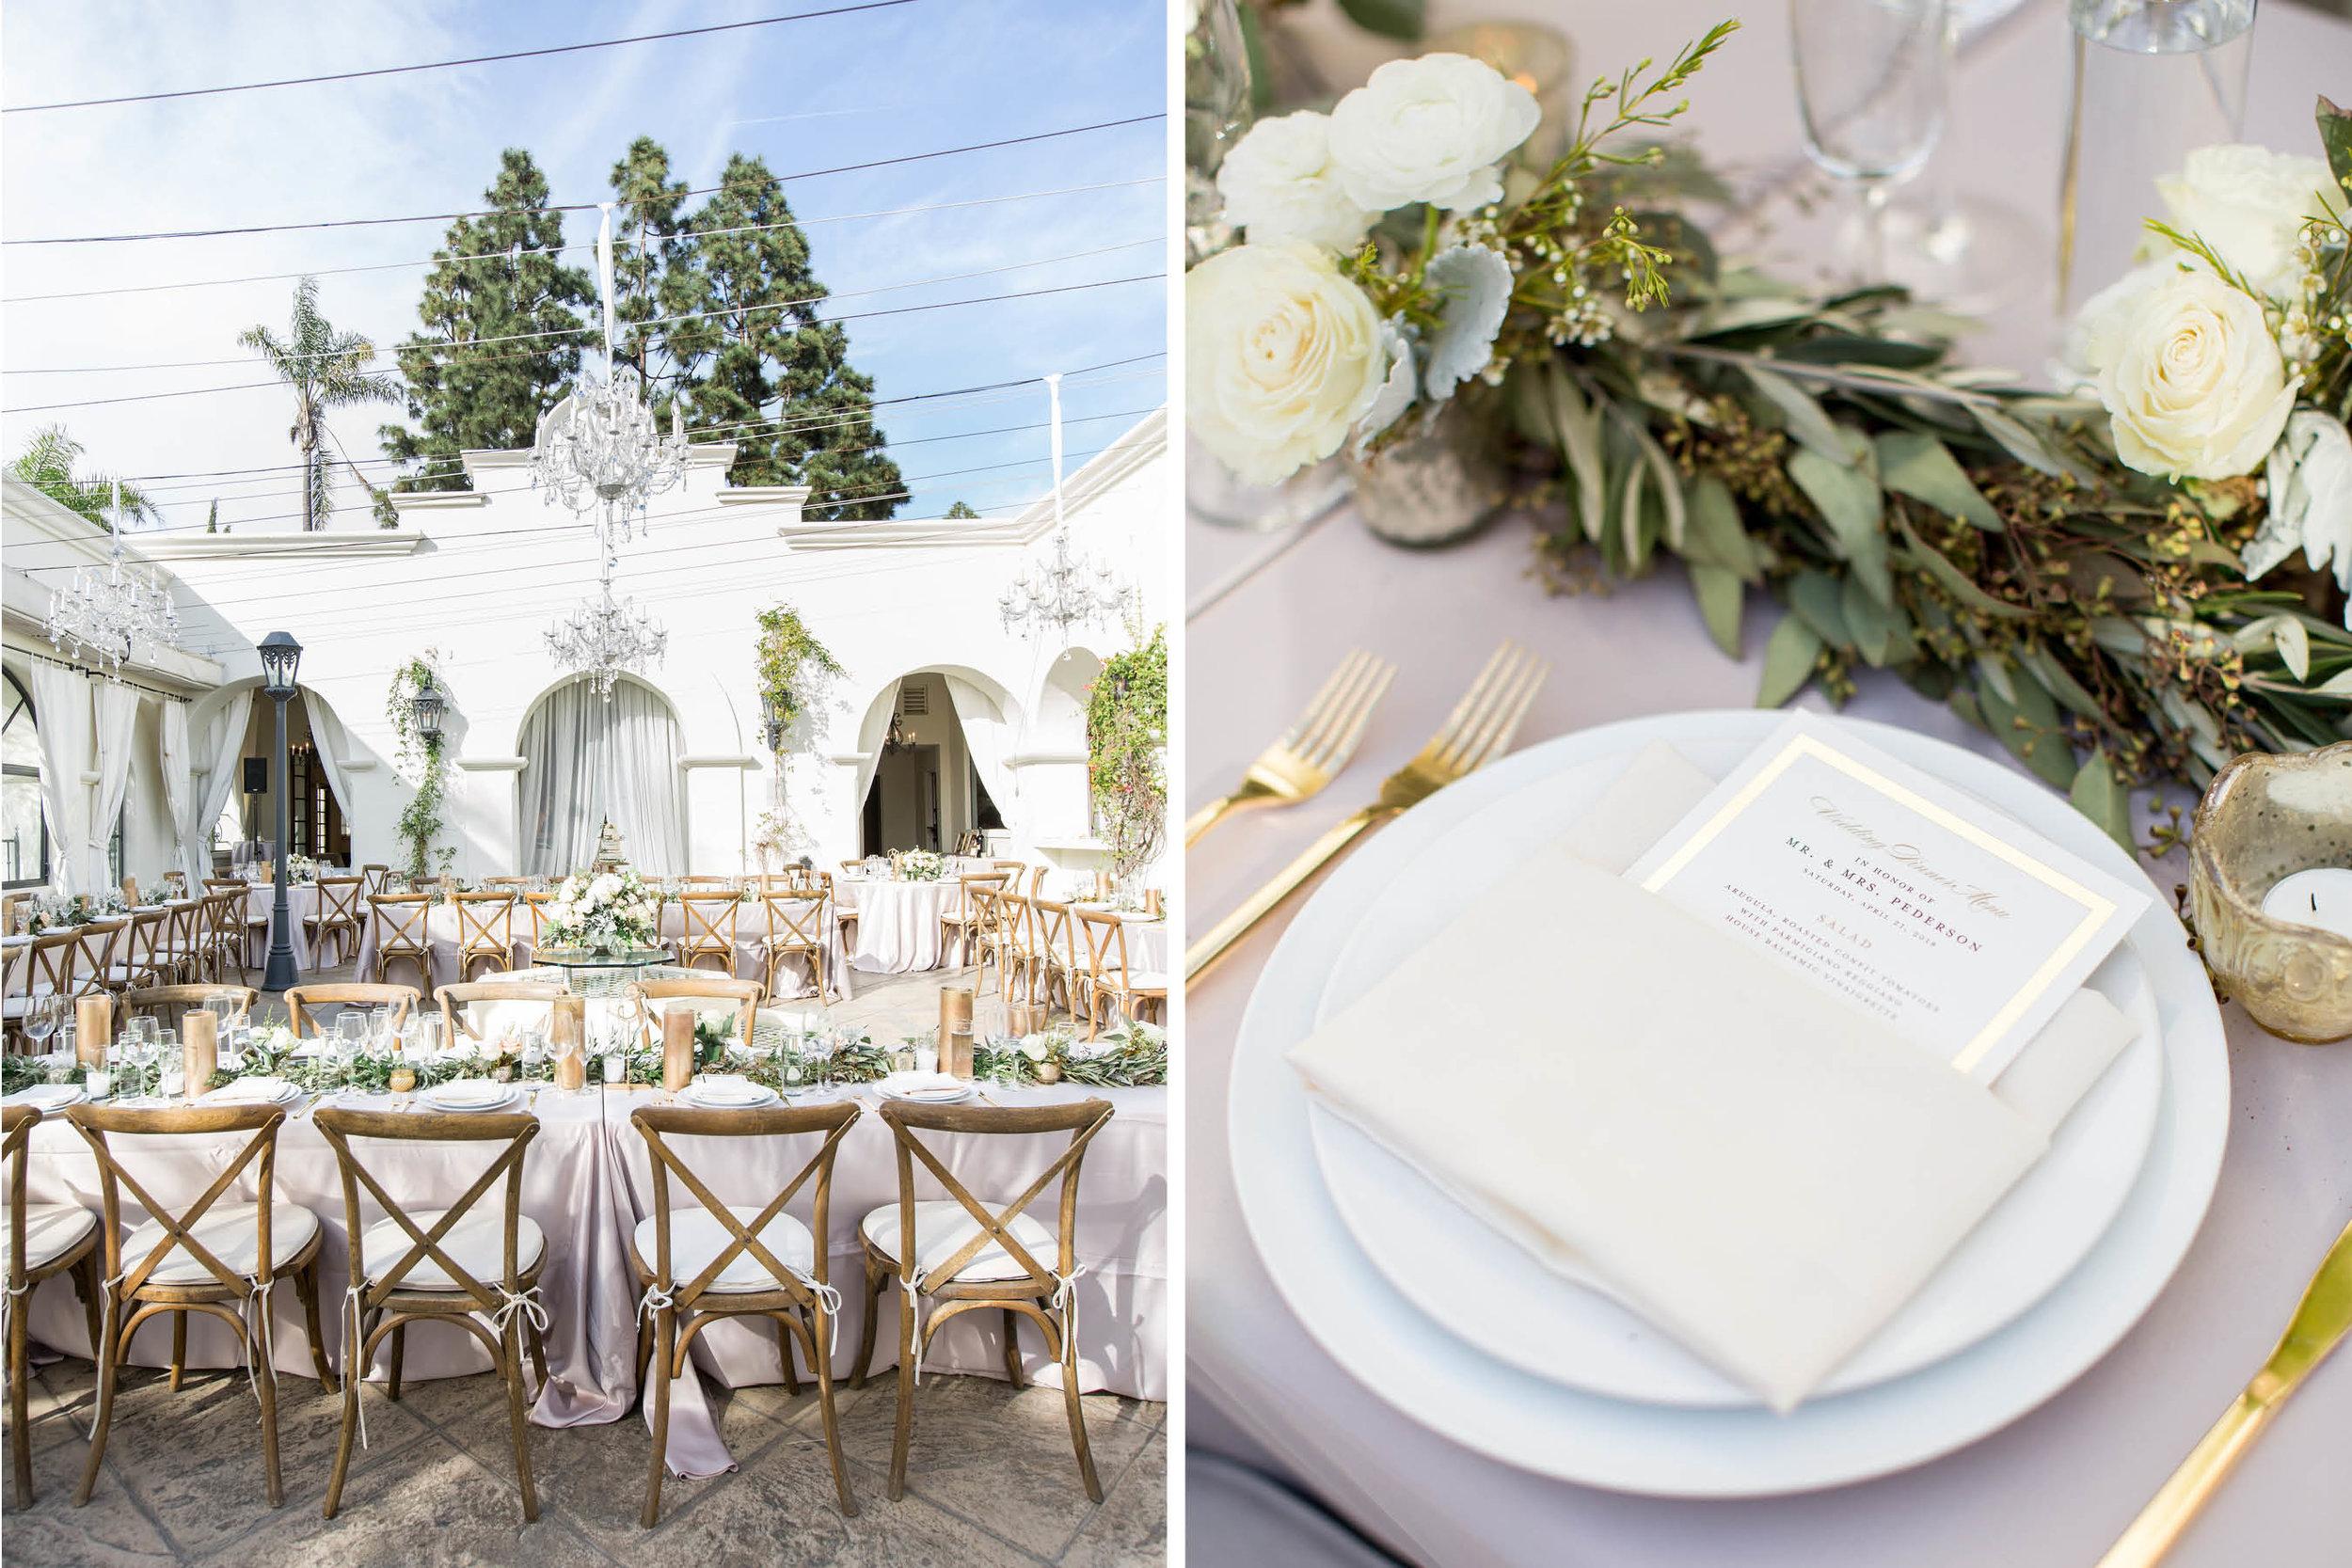 alegria-by-design-wedding-planner-planning-design-event-coordinator-day-of-courthouse-garden-hotel-californian-villa-vine-courtyard (19).jpg